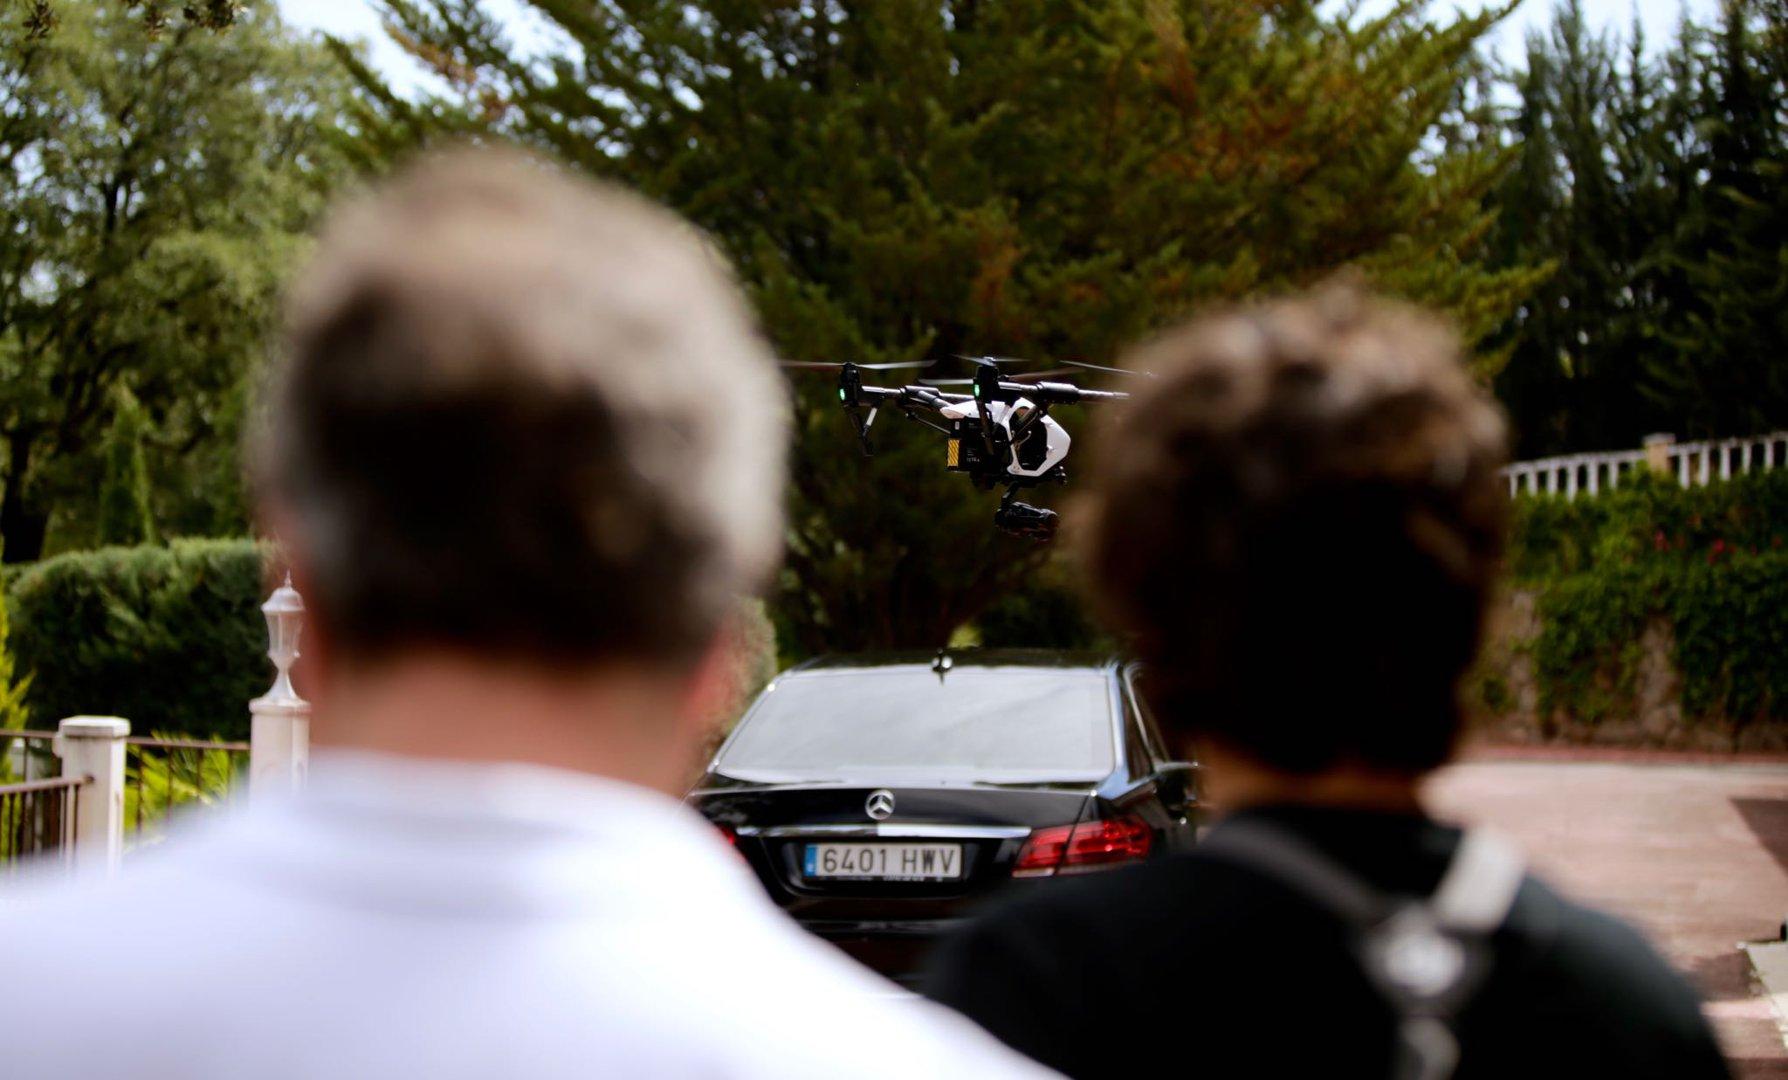 1filmación-aérea-drones-españa-TV-publicidad-postproducción